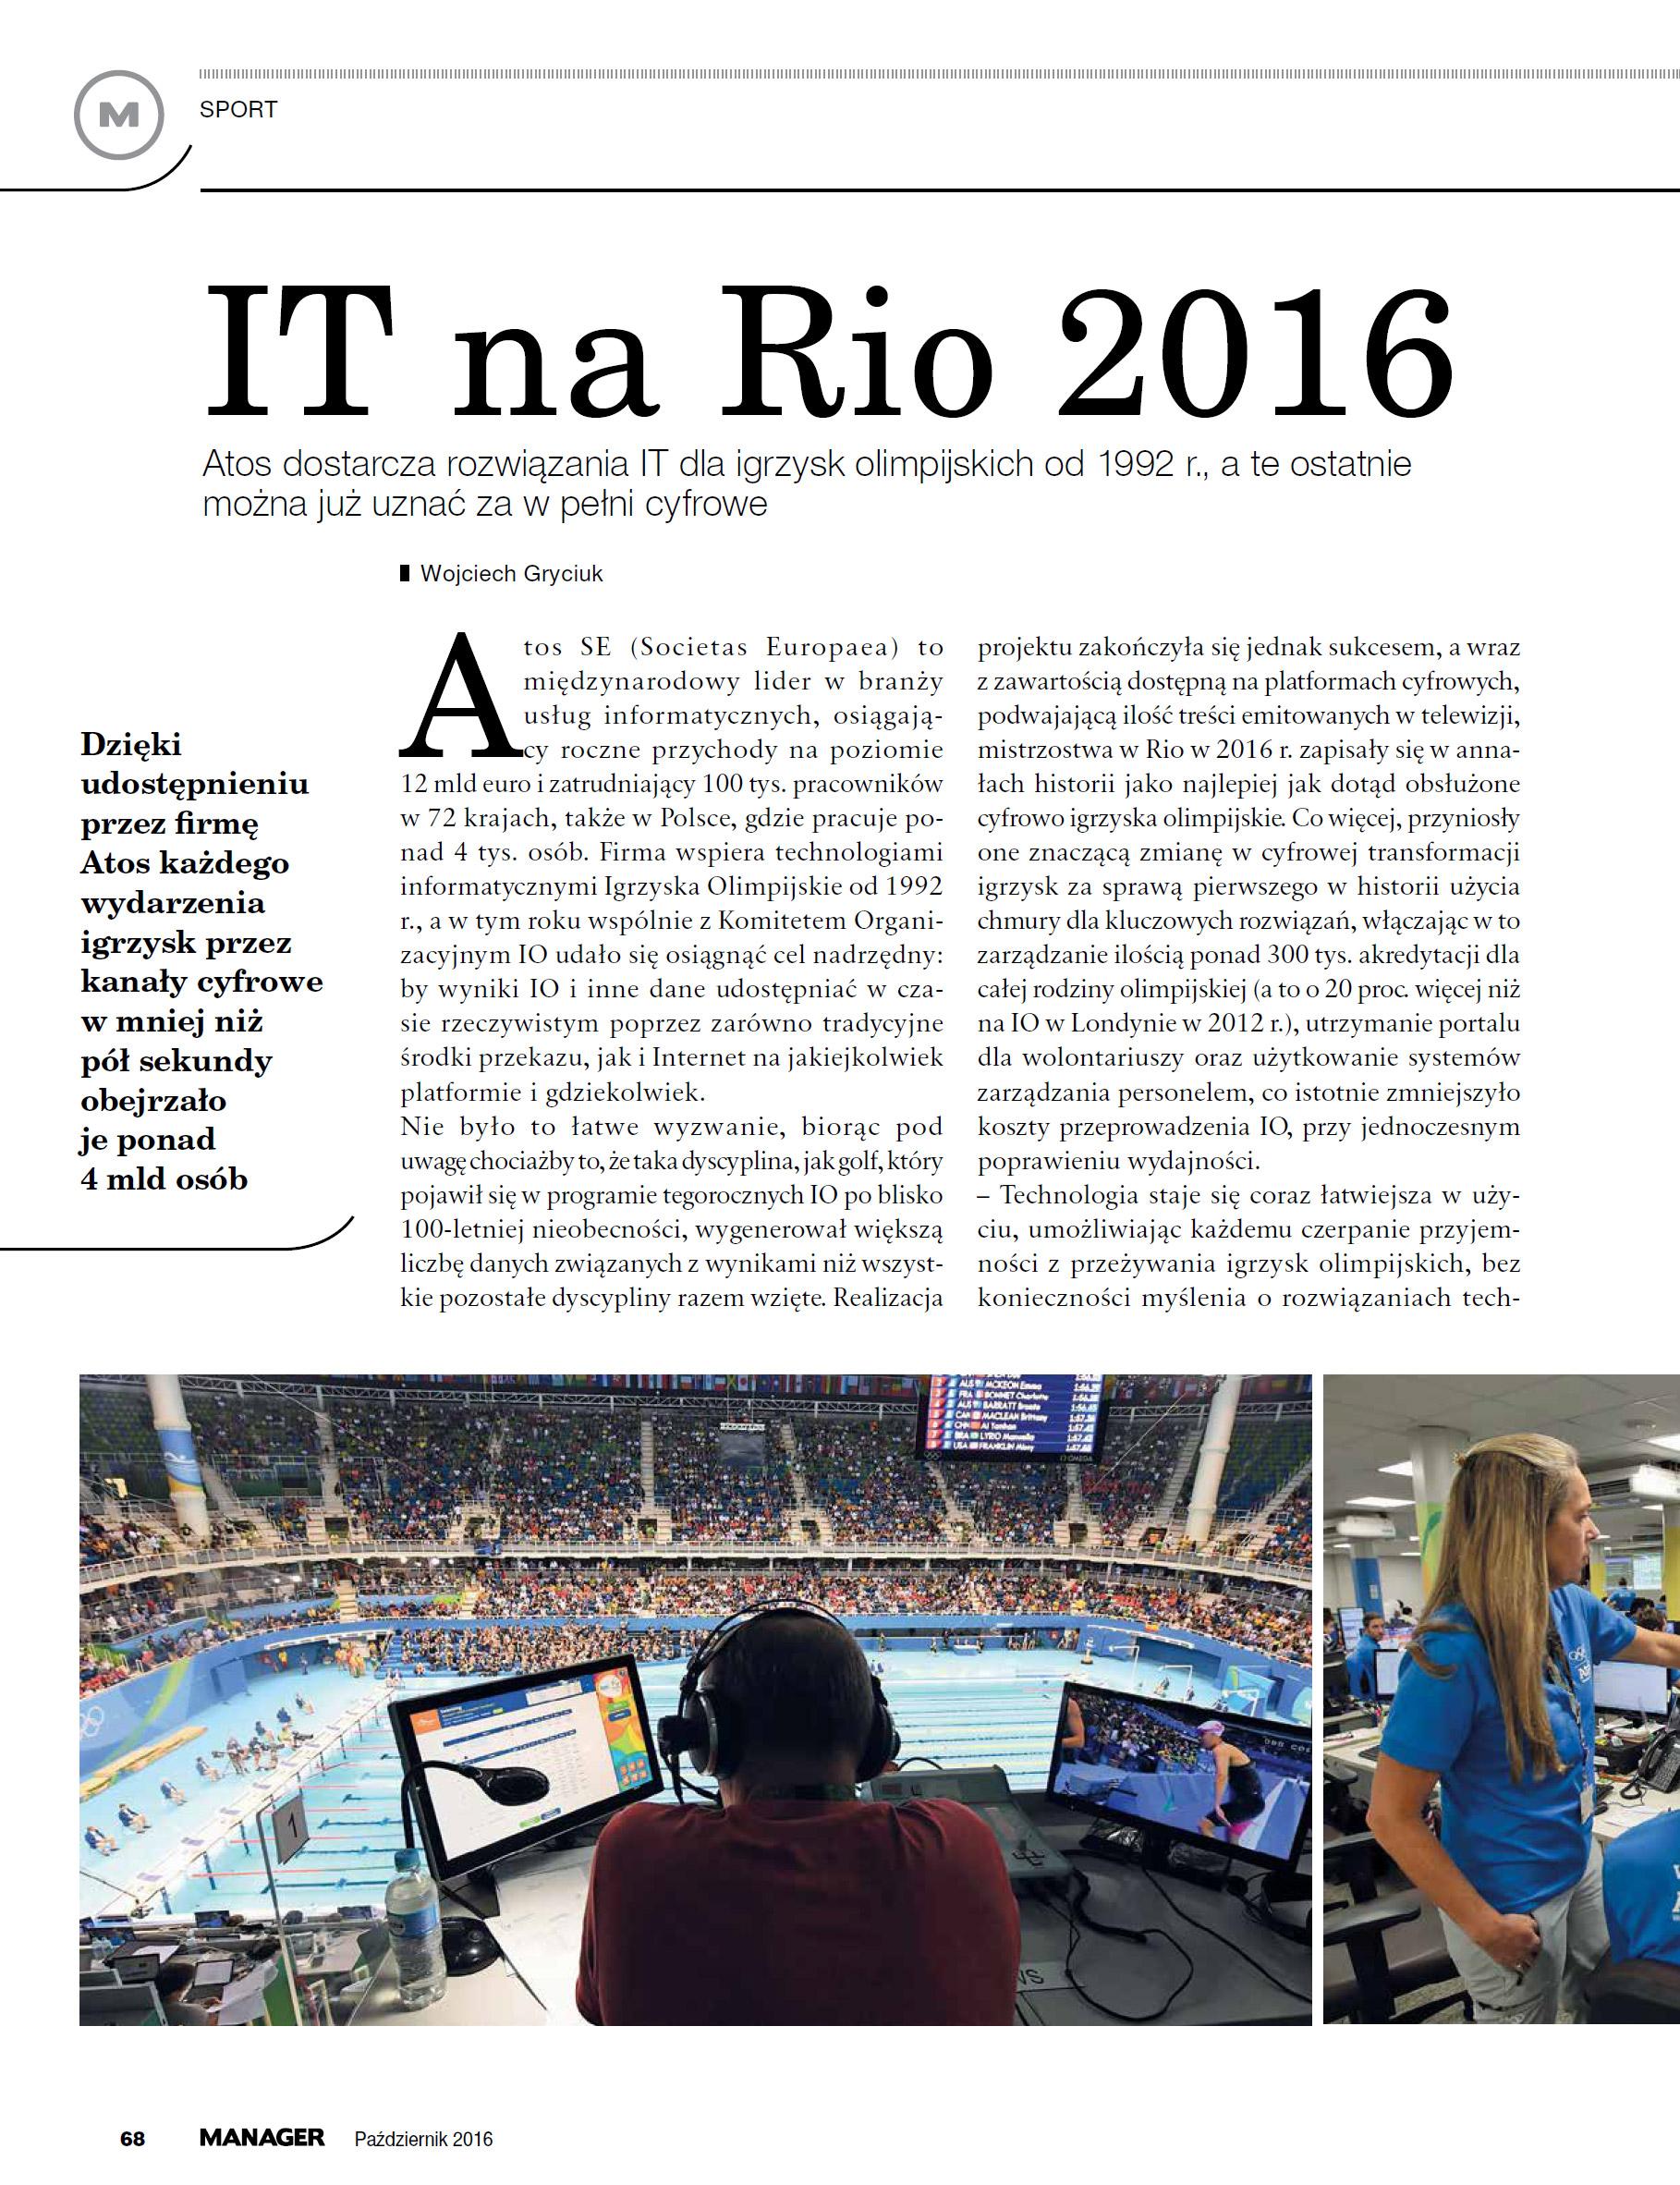 it-na-rio-2016-norbert-biedrzycki-manager-_1